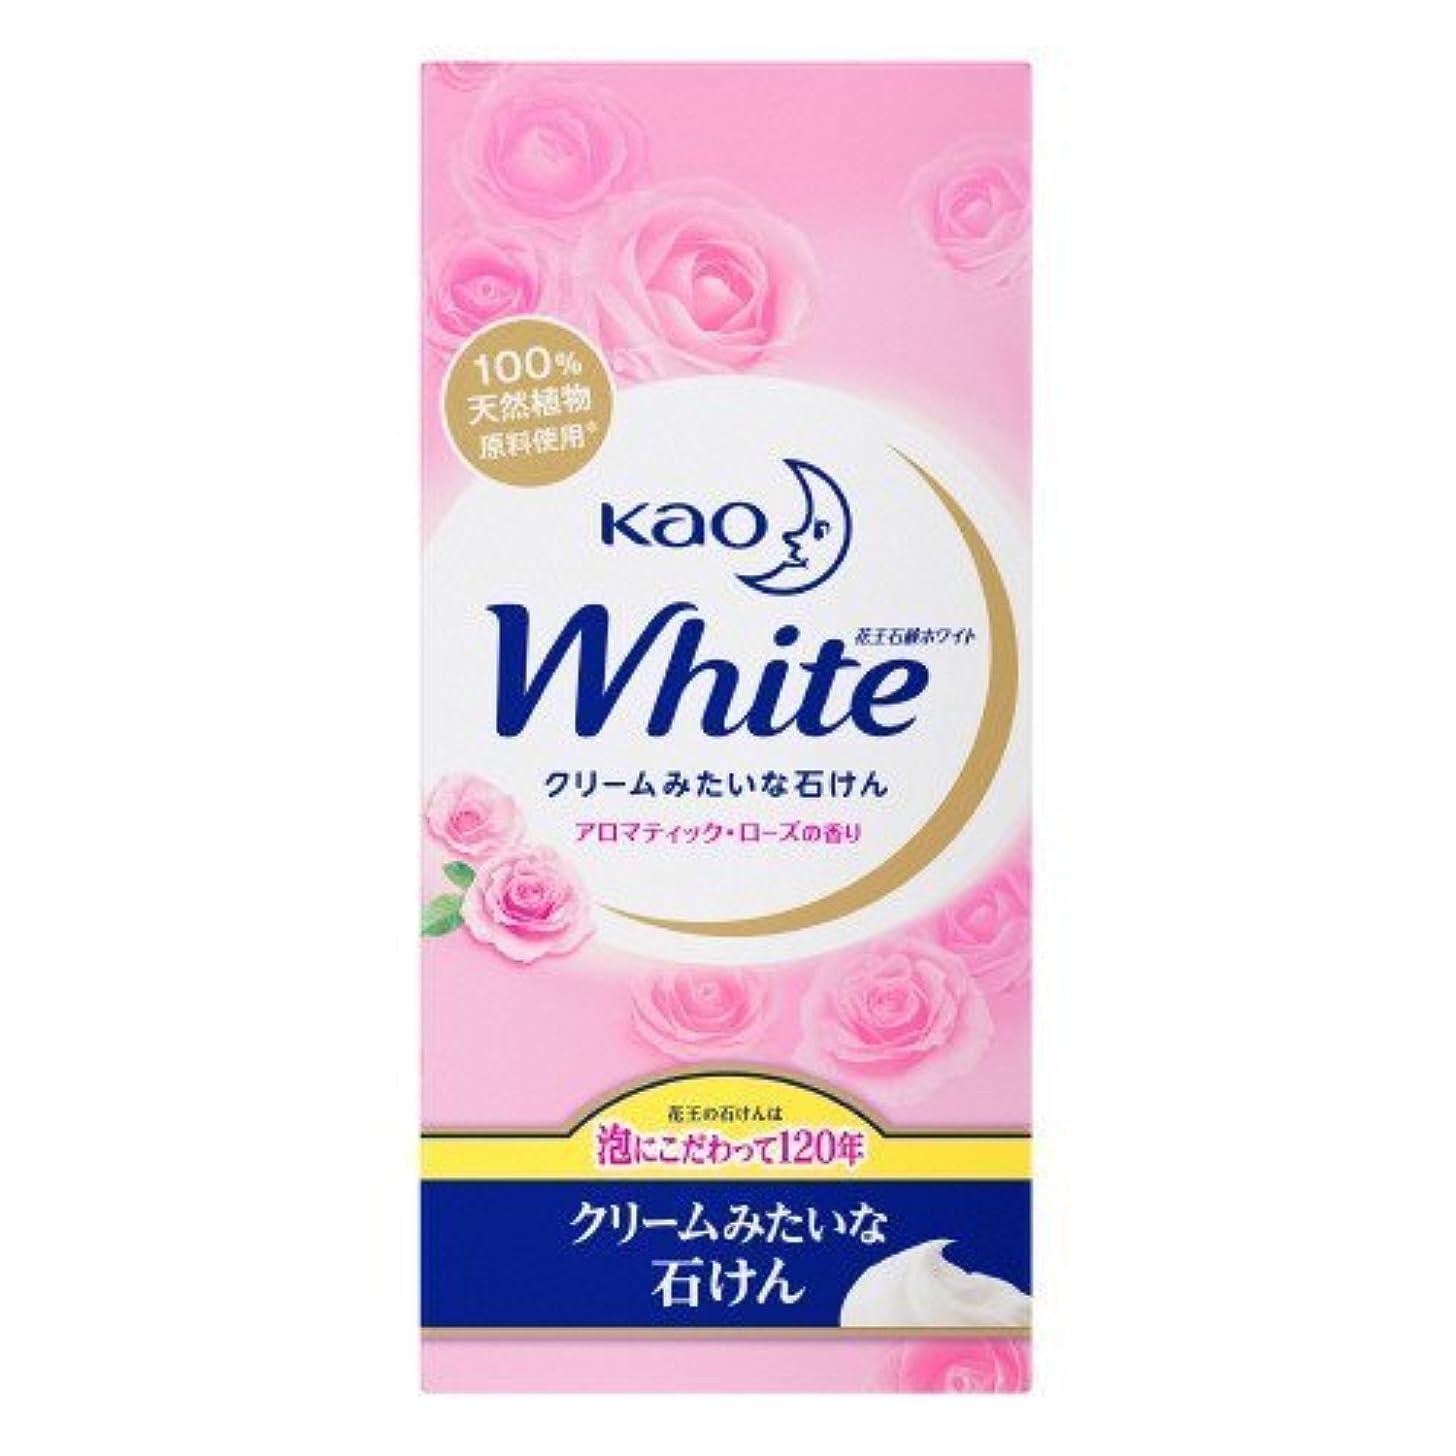 ぬるいテセウス資金【花王】花王ホワイト アロマティックローズの香りレギュラーサイズ (85g×6個) ×10個セット